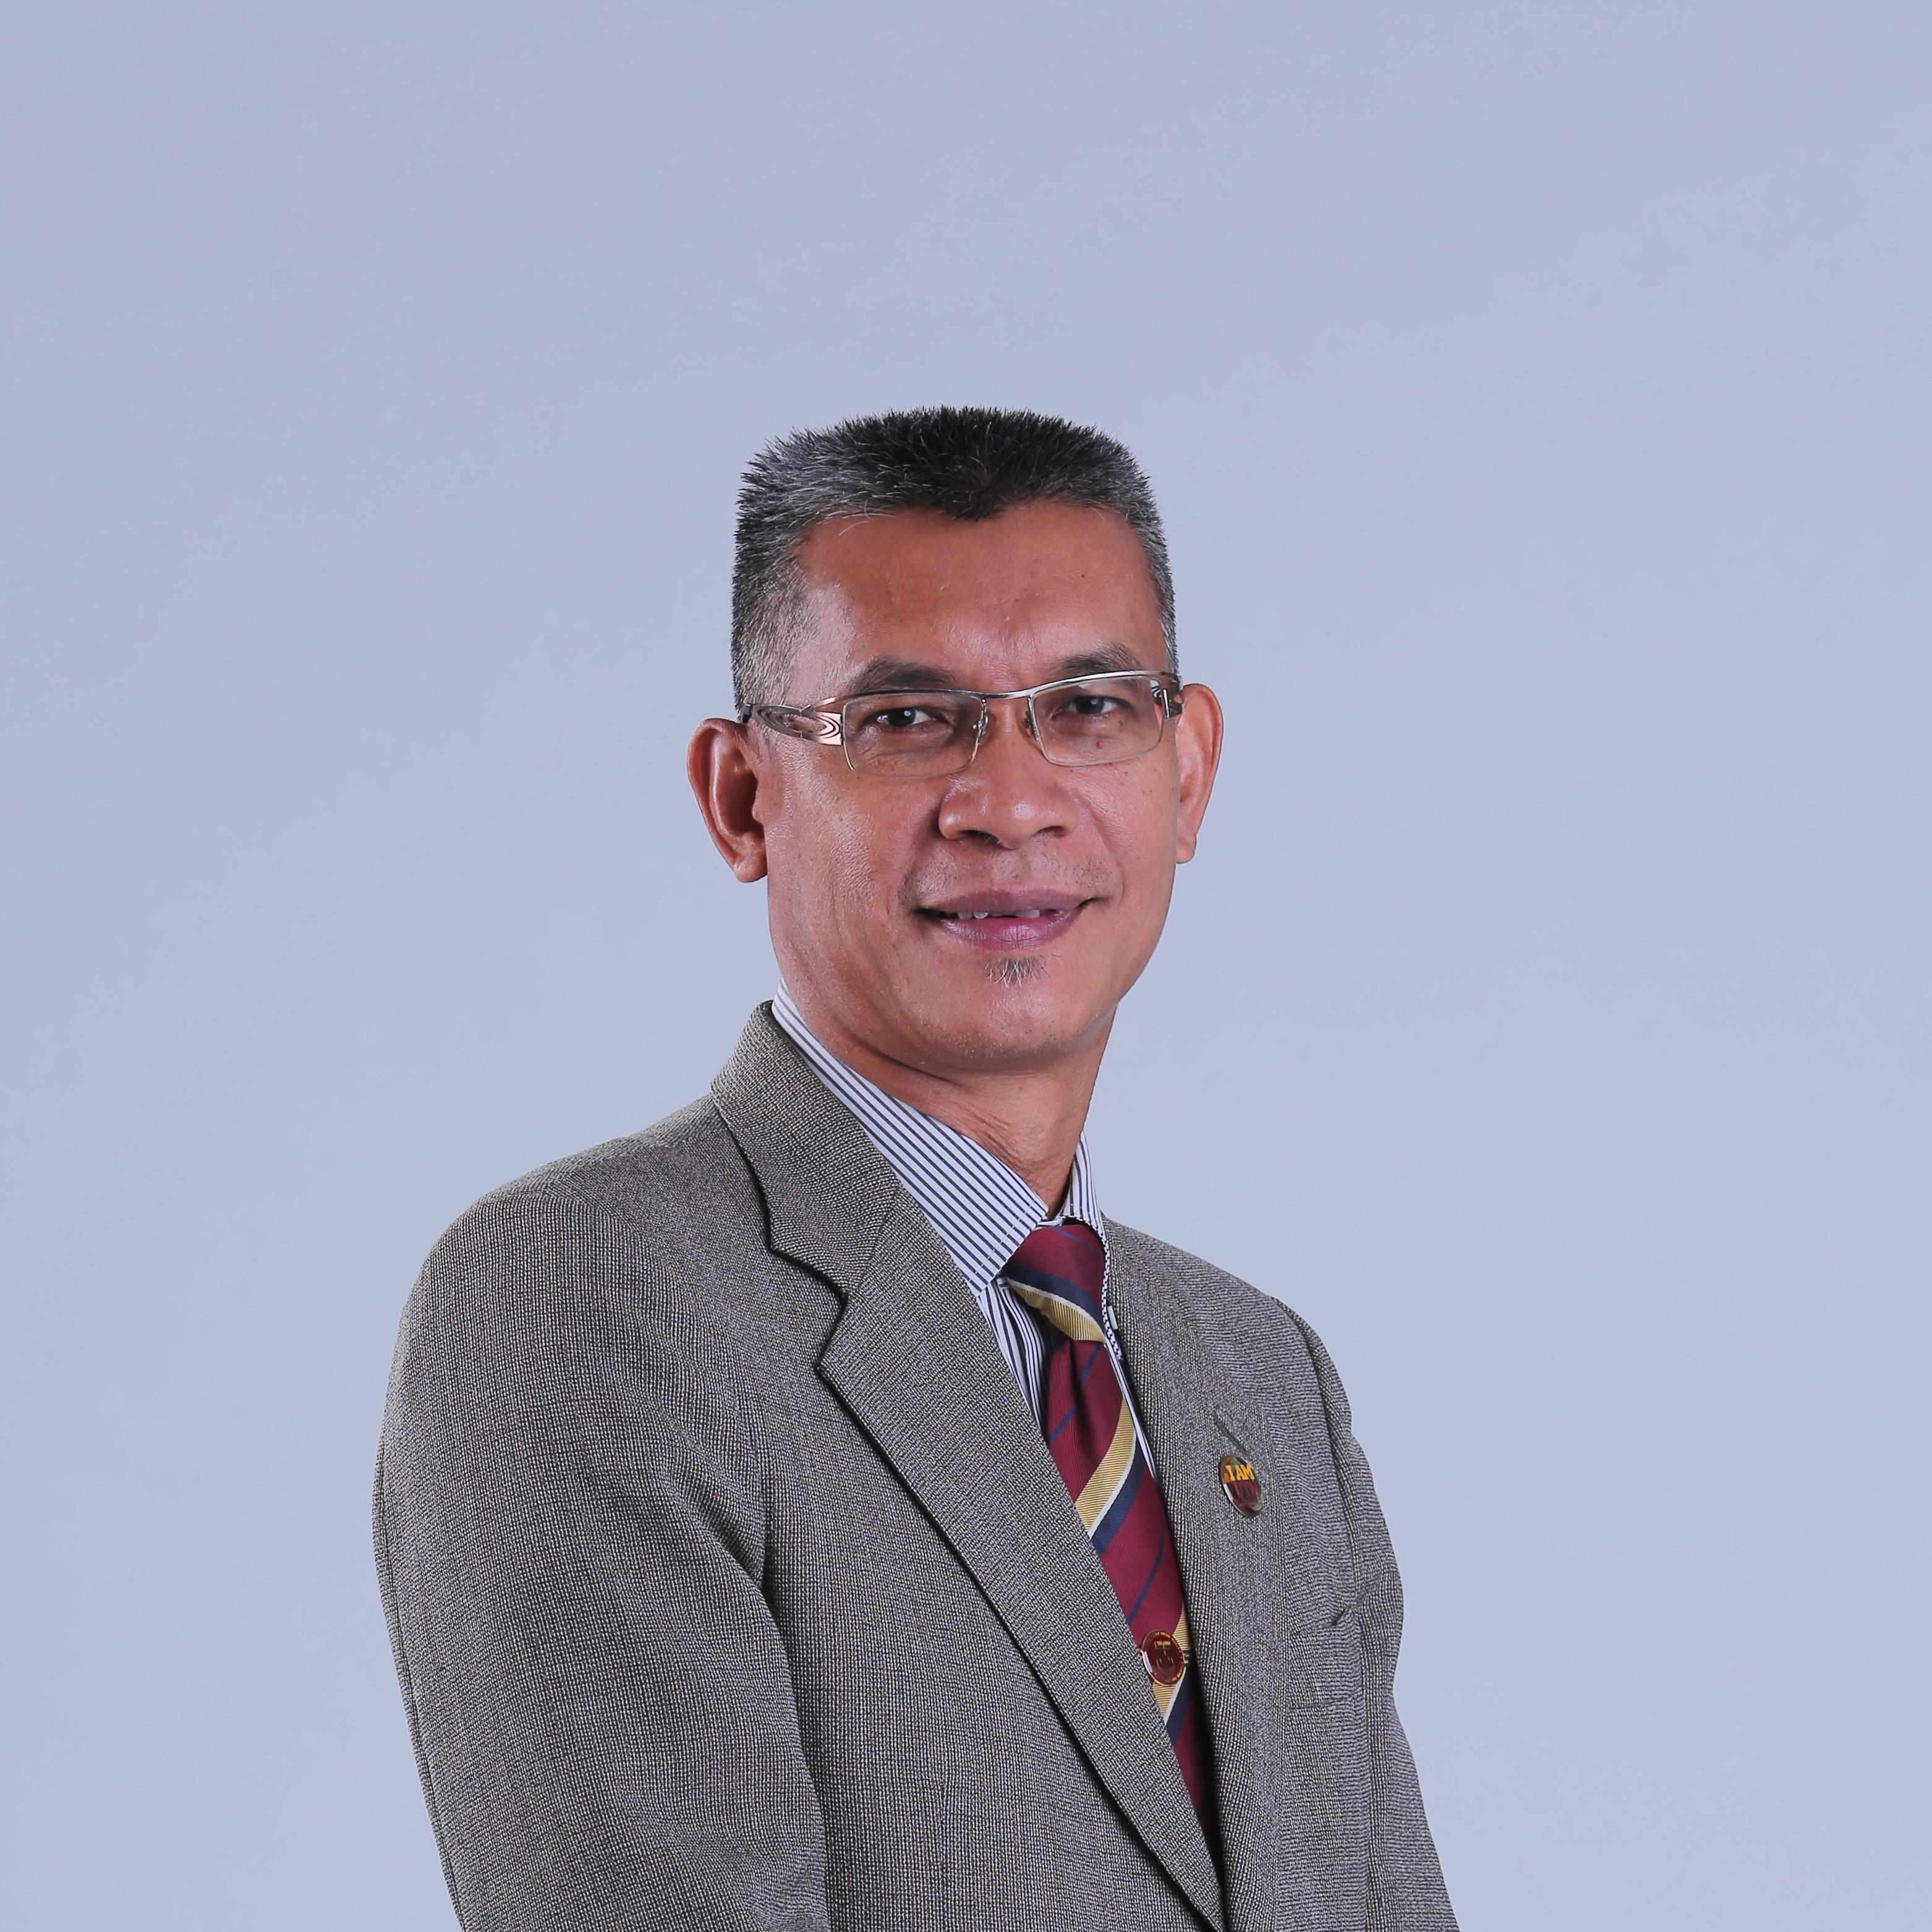 Abdul Razib bin Hj. Shahuddin